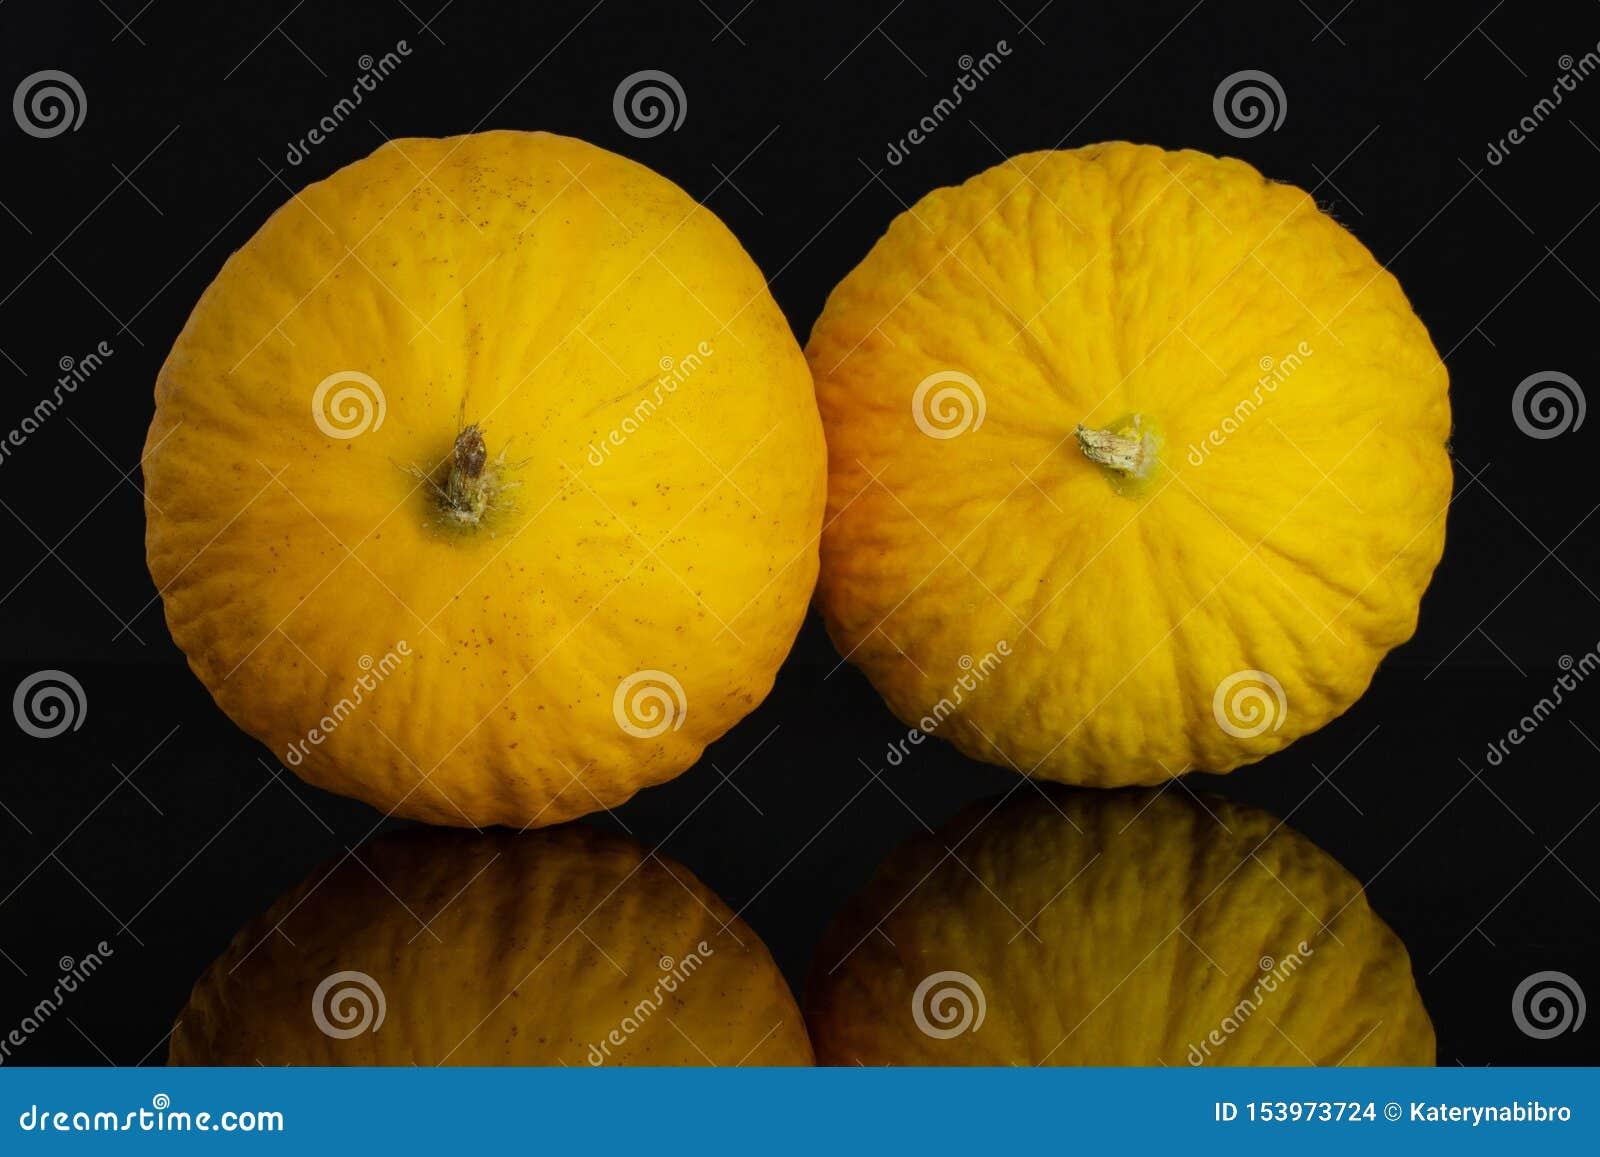 Melone color giallo canarino giallo isolato su vetro nero